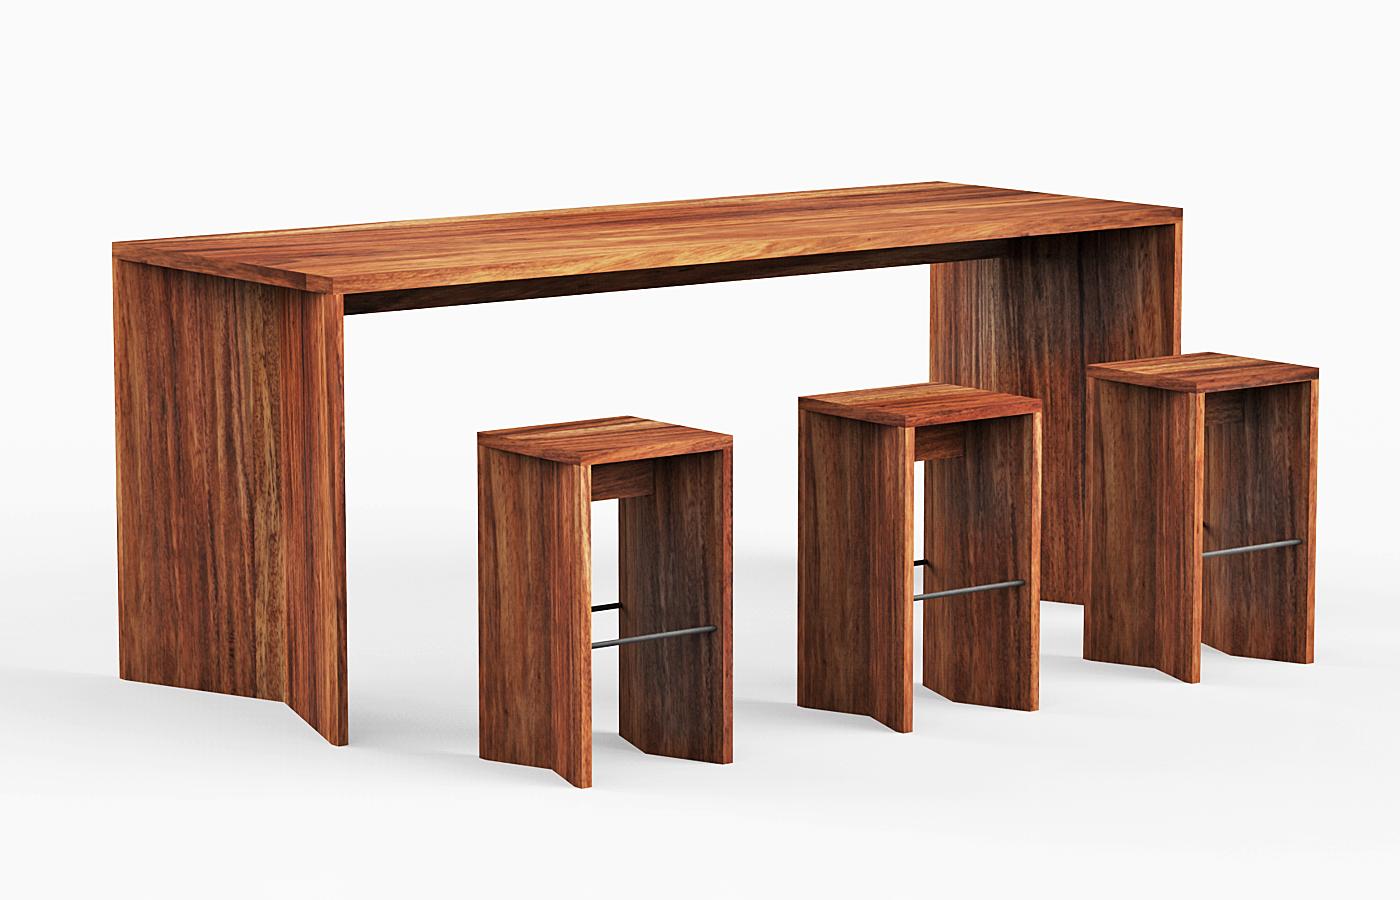 Wood Coffee Table Ideas